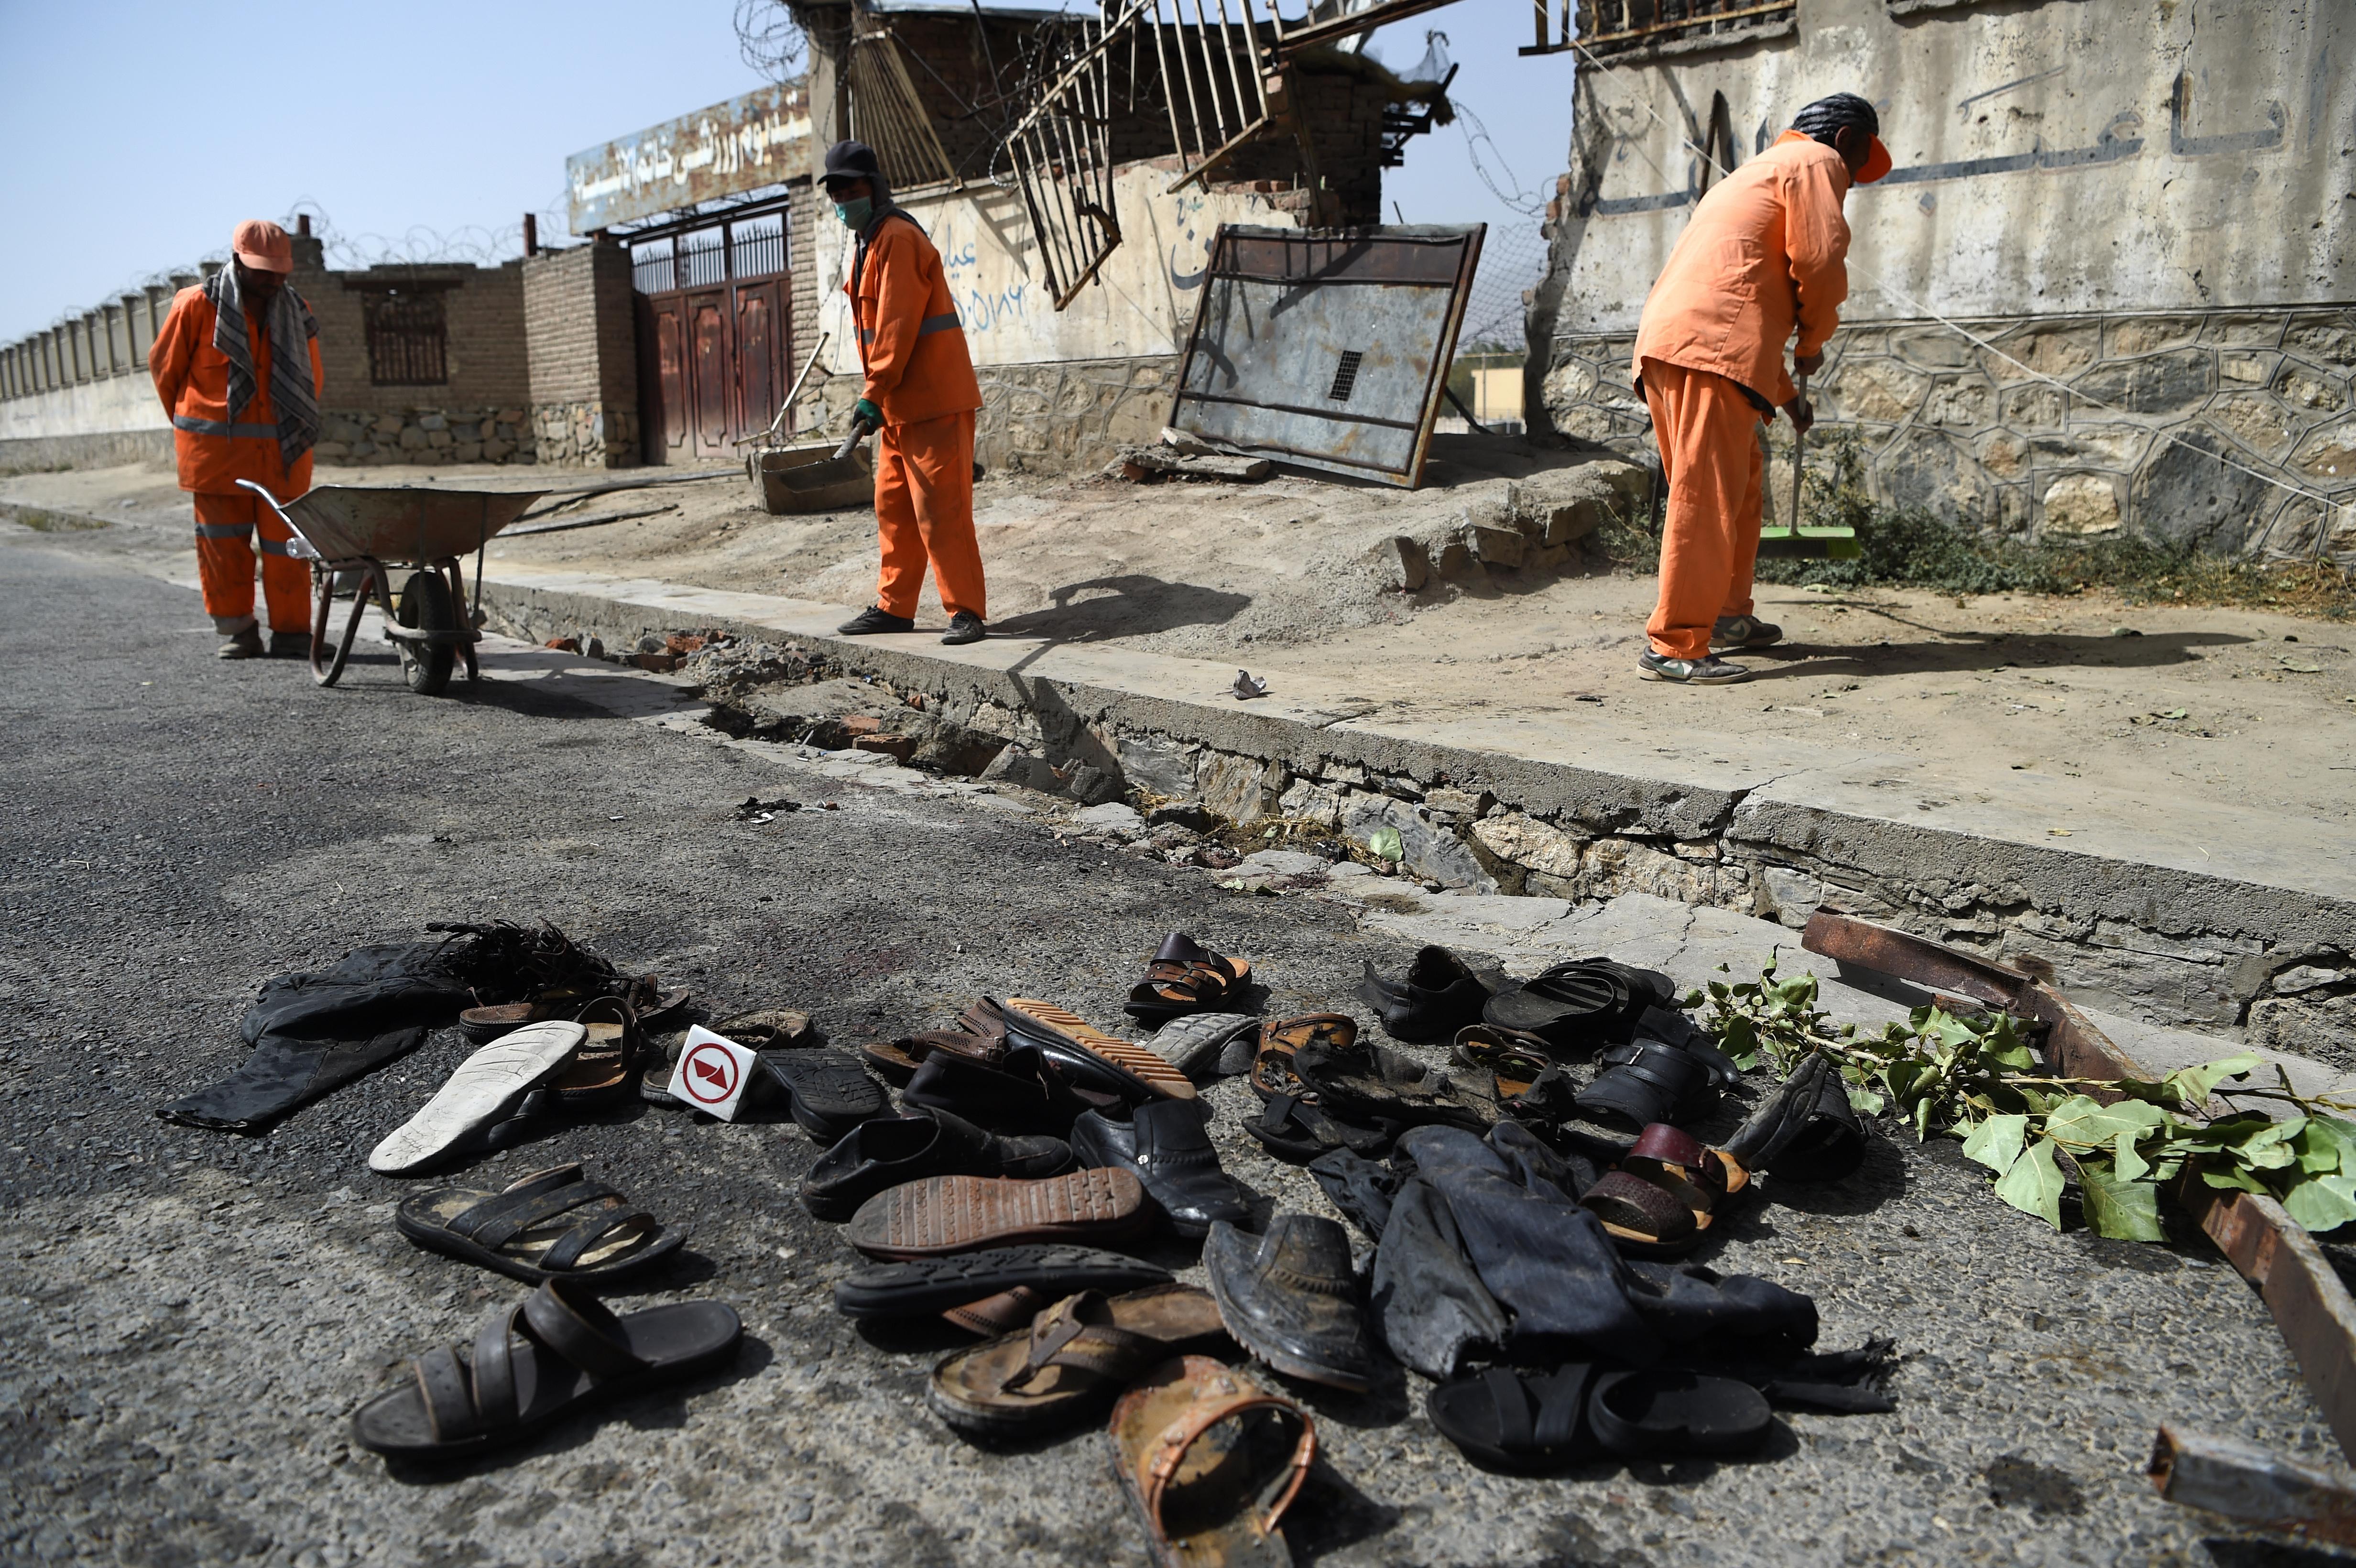 د کابل اوسېدونکیو د دغه ښار لپاره د حکومت د نوي امنیتي پلان هرکلی وکړ